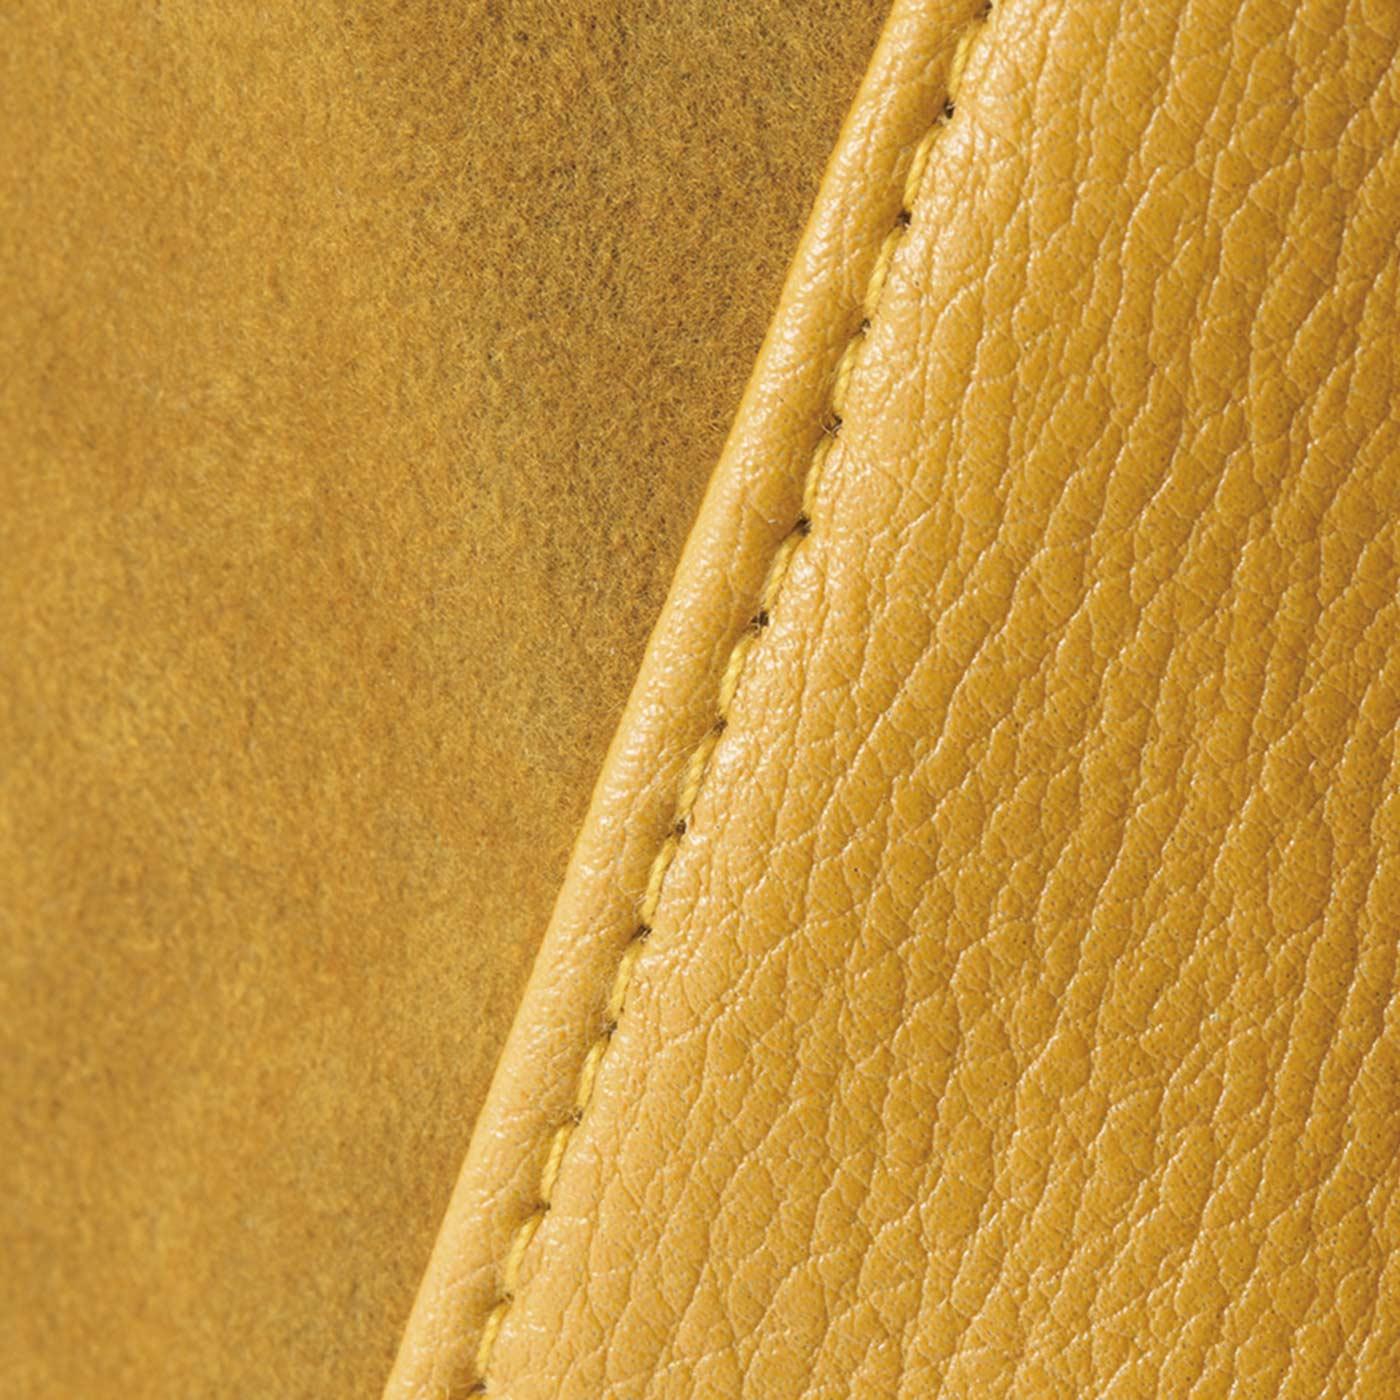 スエード調×合皮のコンビが上品、きれいめ。上質感がありながら、軽くて持ちやすい。